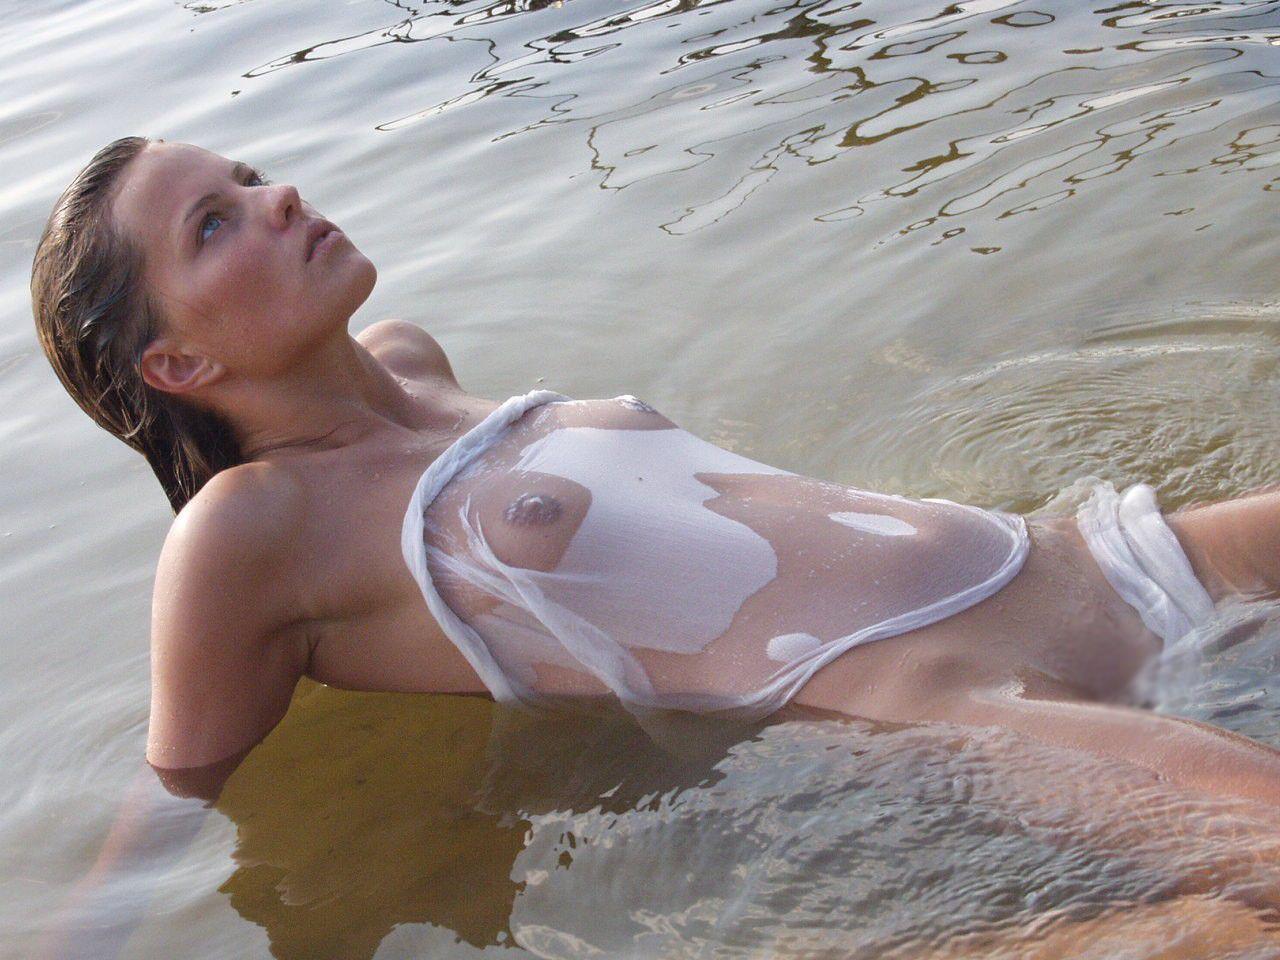 【海外エロ画像】透けるのに水浴びする外人さんの正面が大変なことにw(;゚Д゚)